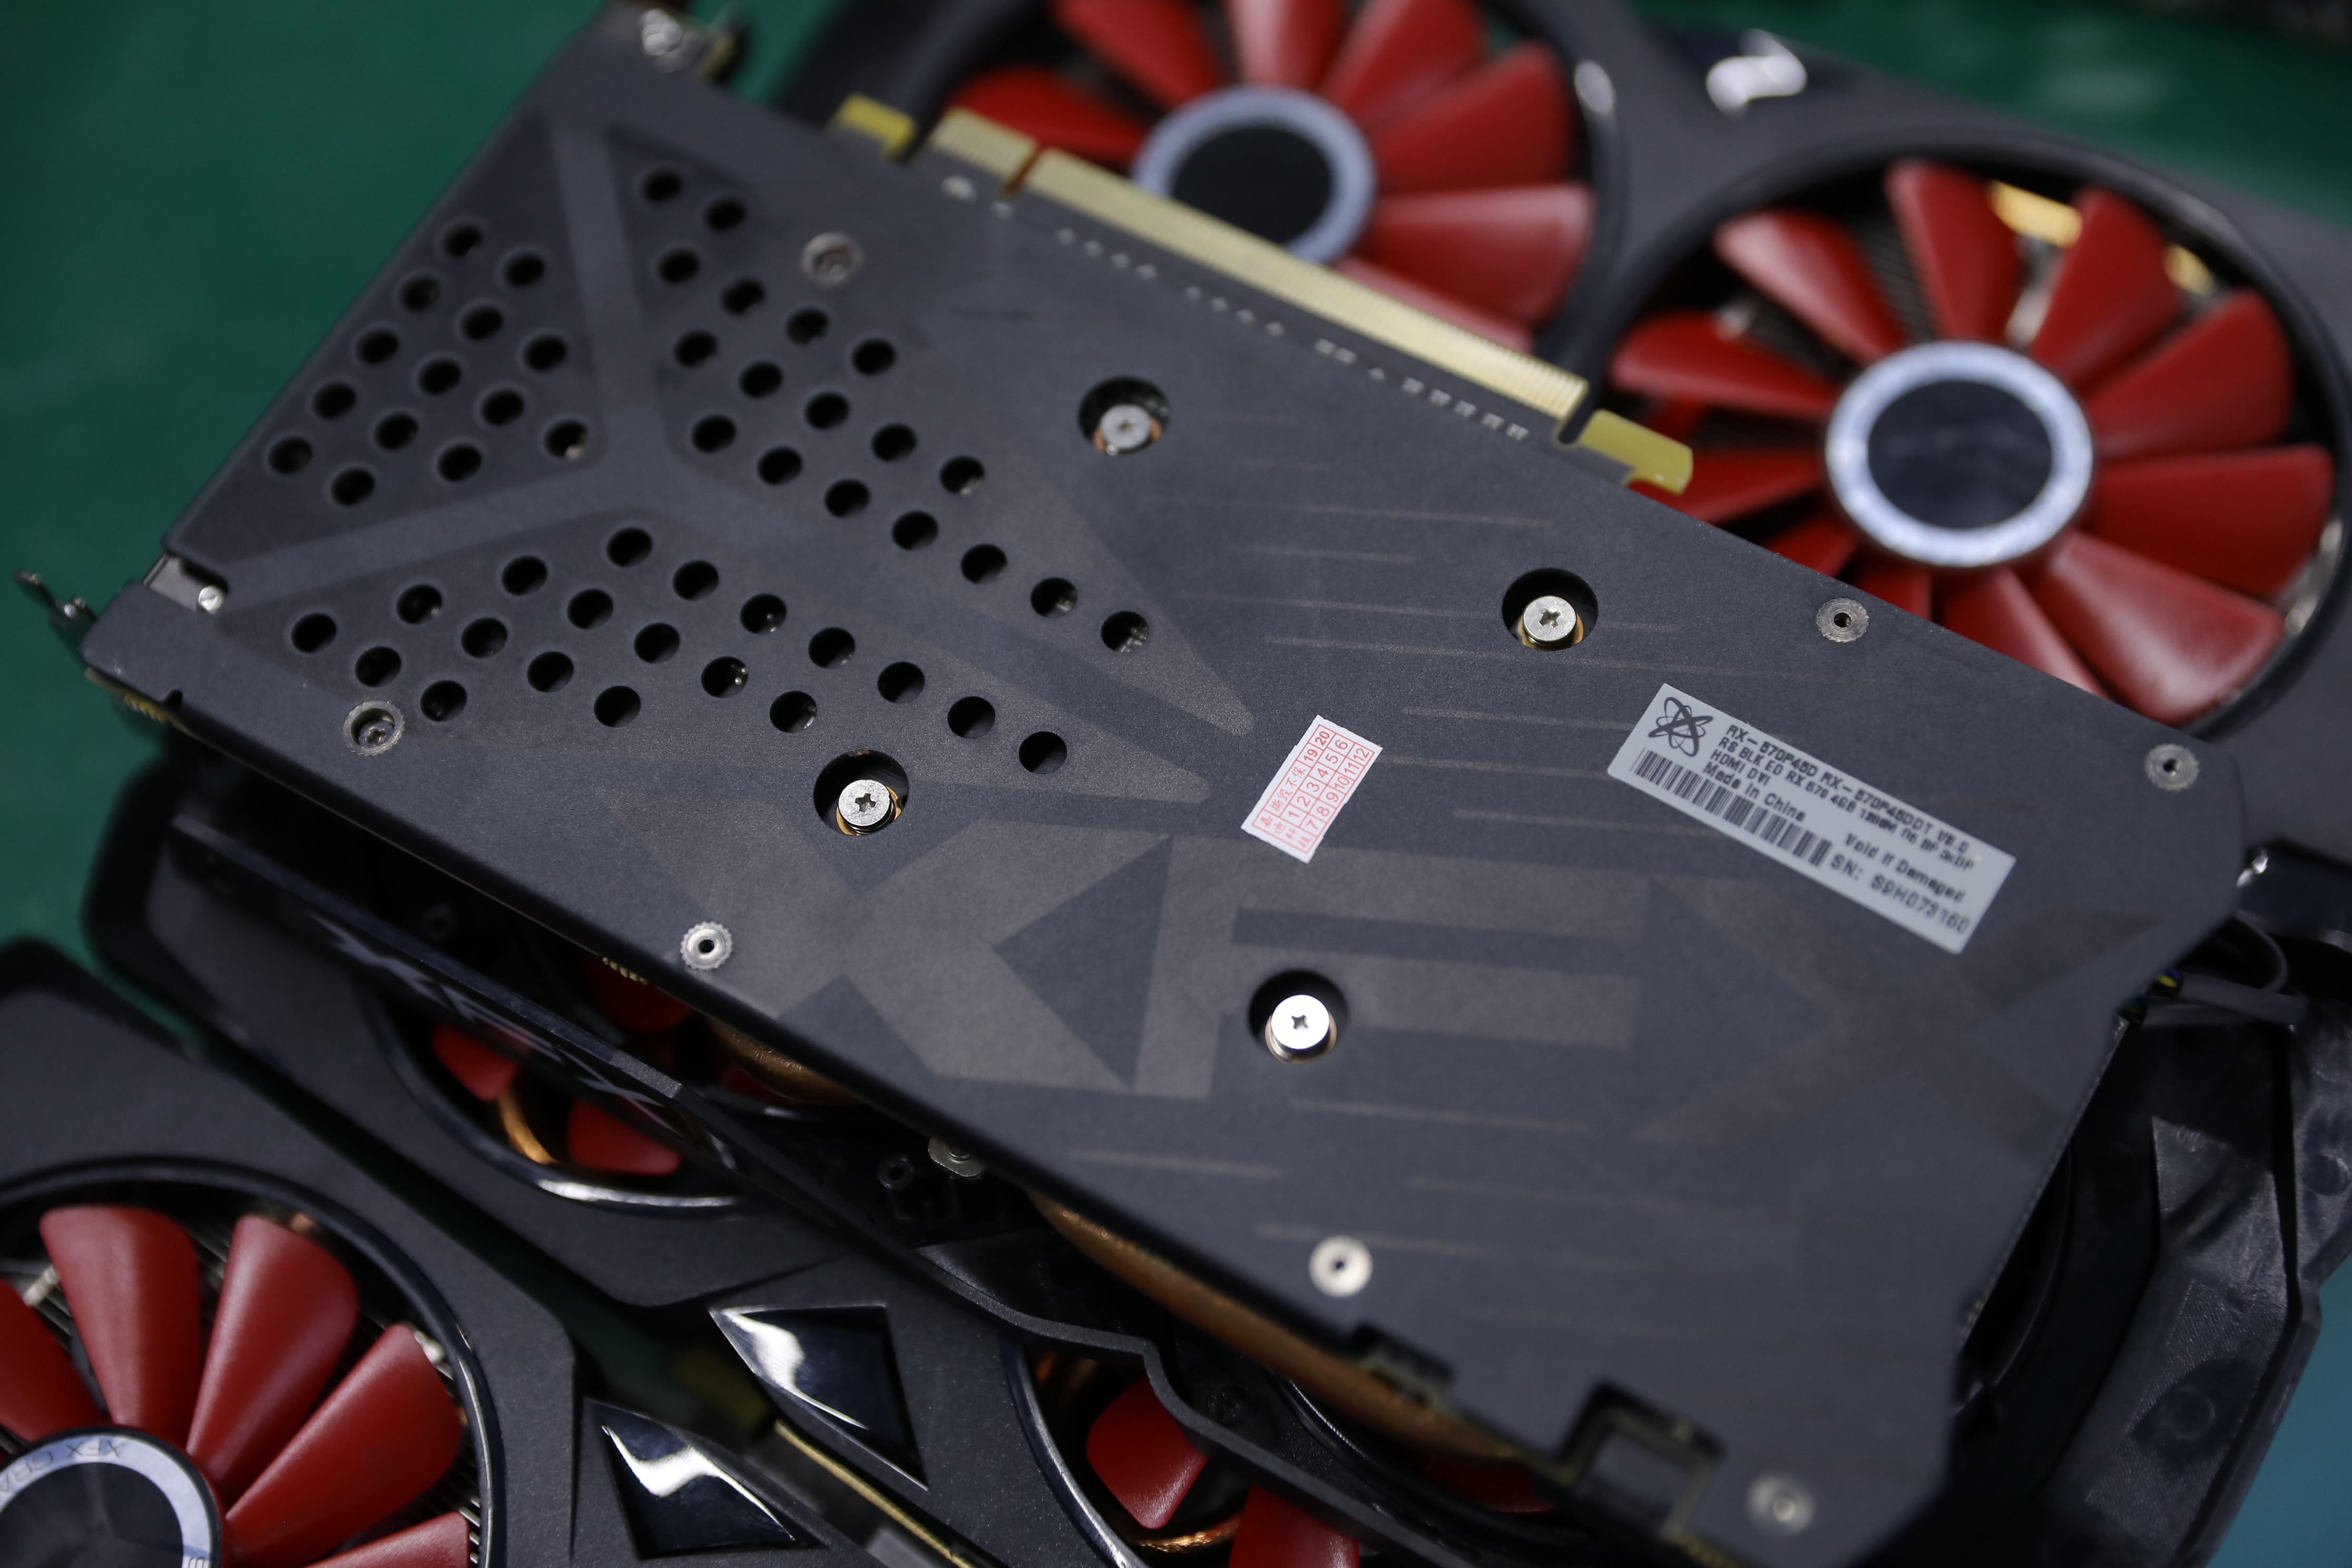 Бывшая в употреблении видеокарта xfx 570 4g 256bit GDDR5 для настольного ПК xfx видеокарта bradeon совместимая с X79 системная плата amd rx 570 карта-2